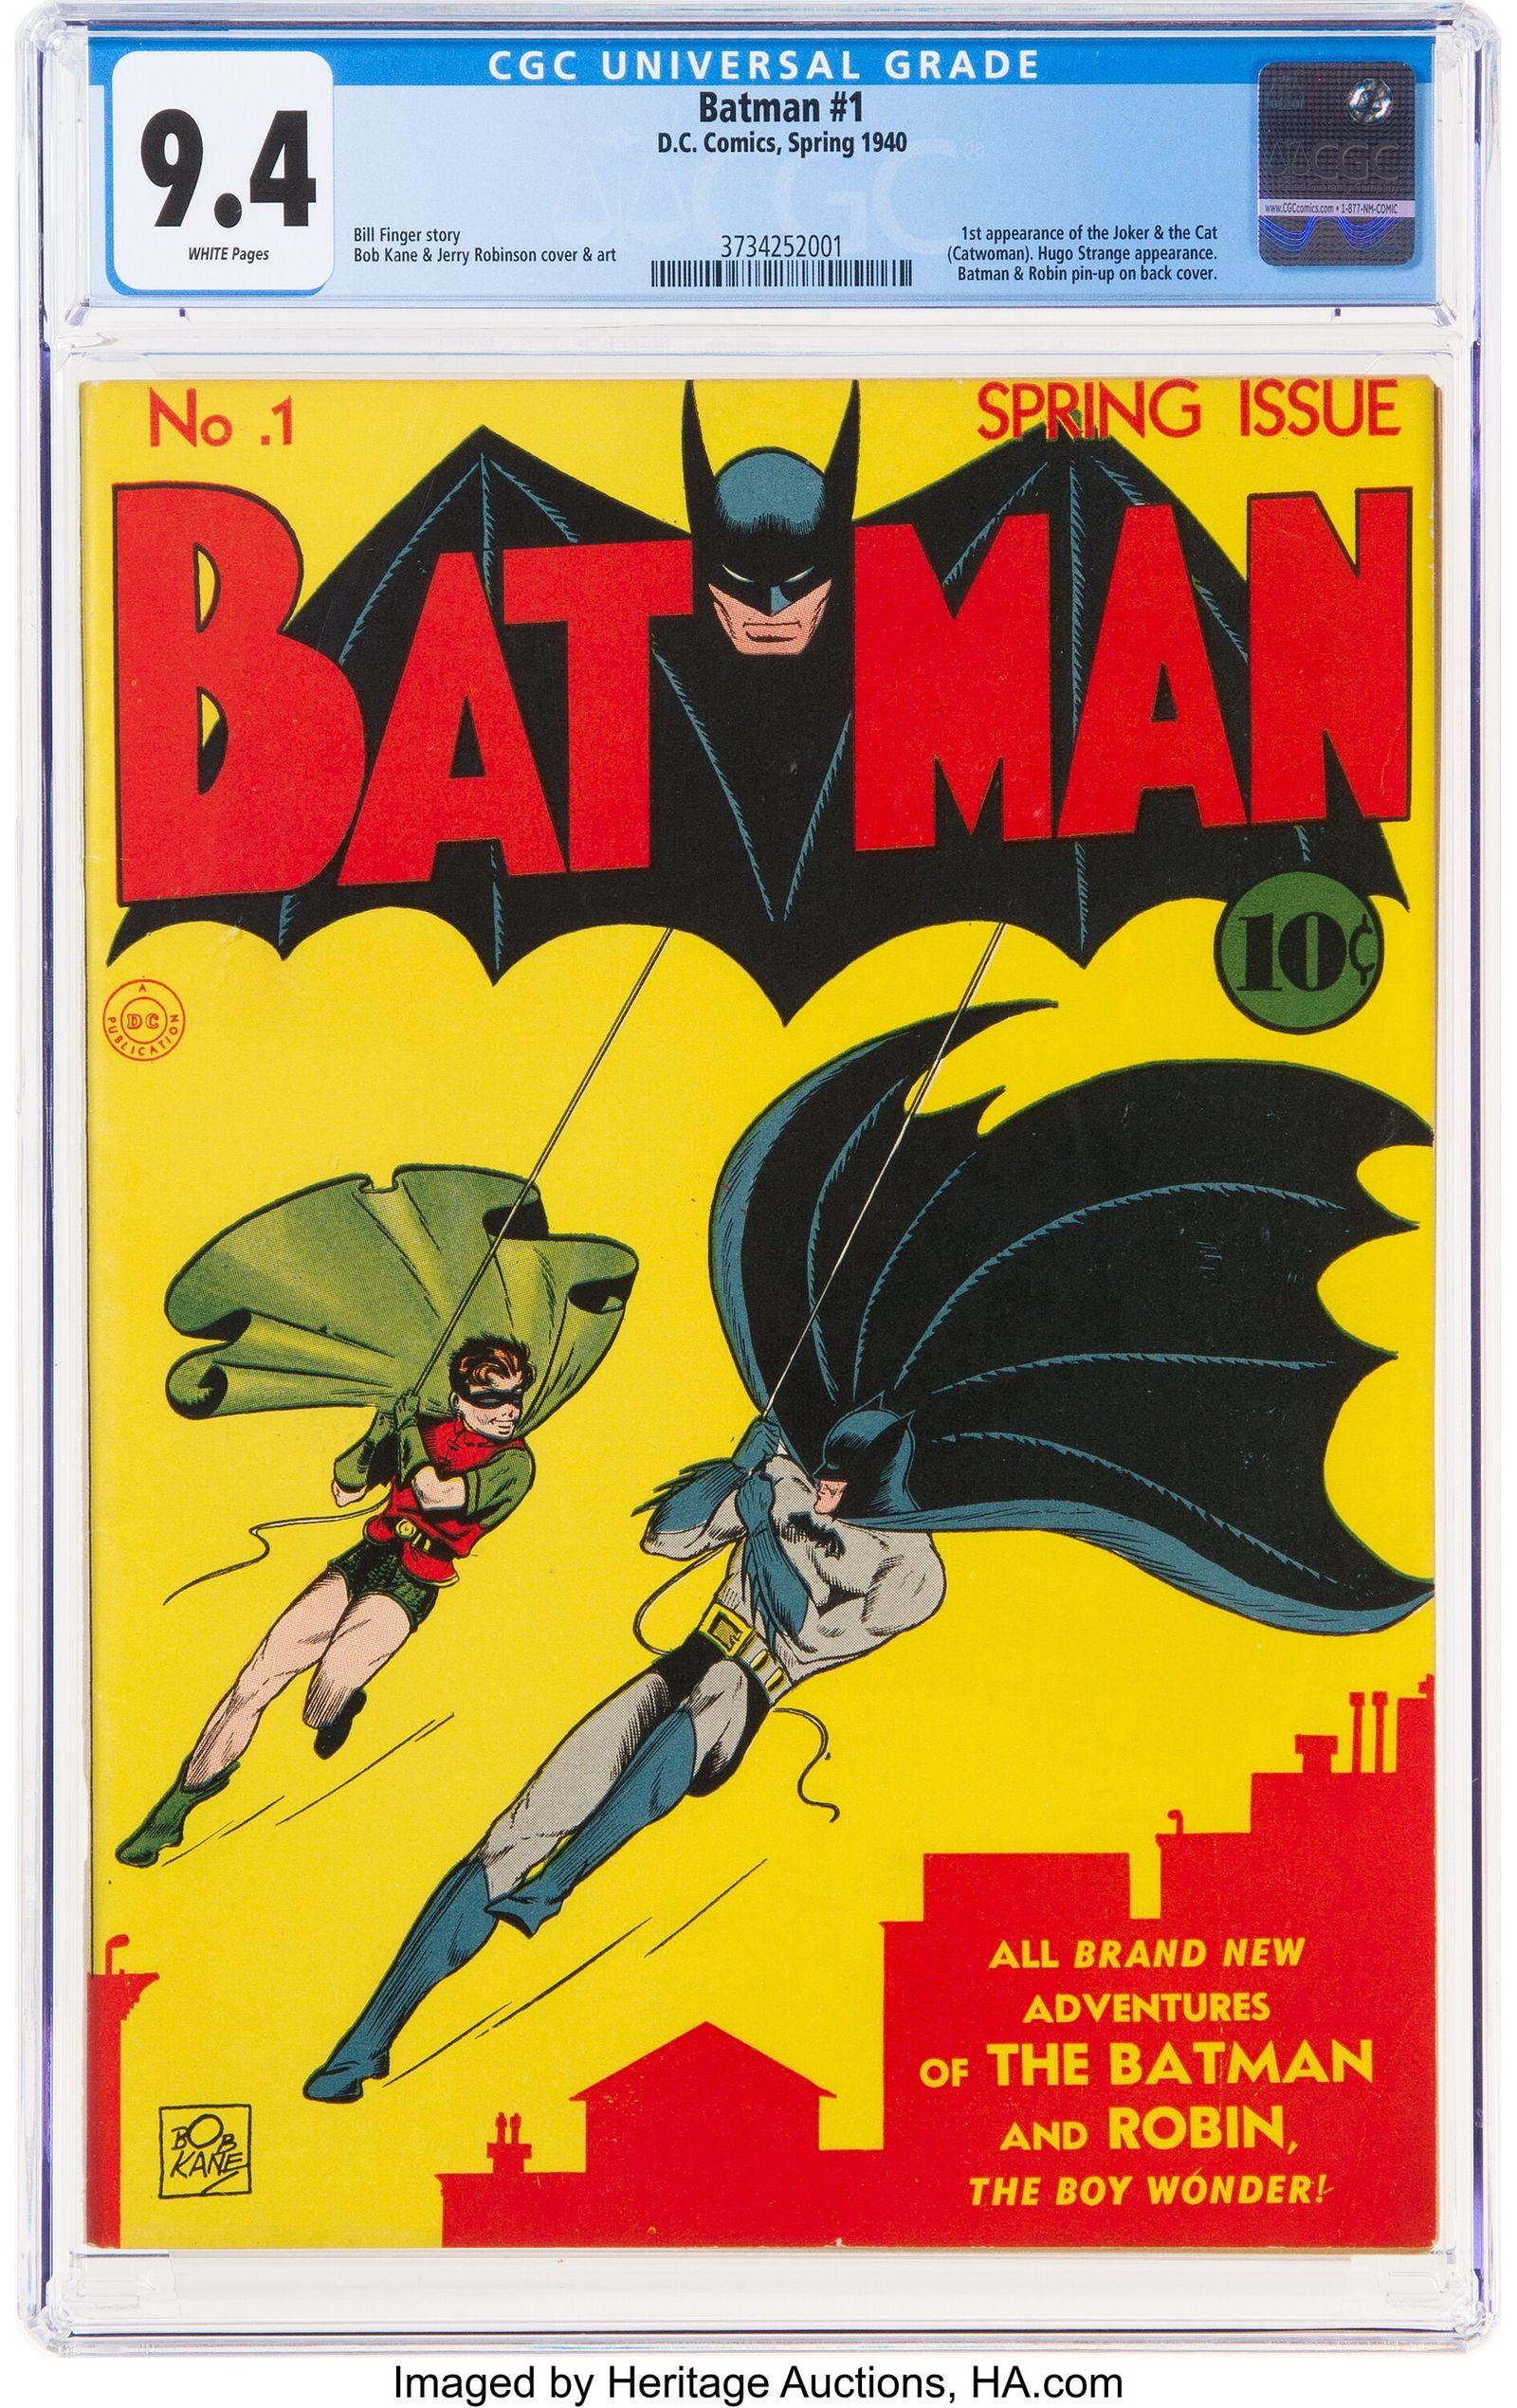 Batman-Comic von 1940 stellt bei Auktion einen Weltrekord auf